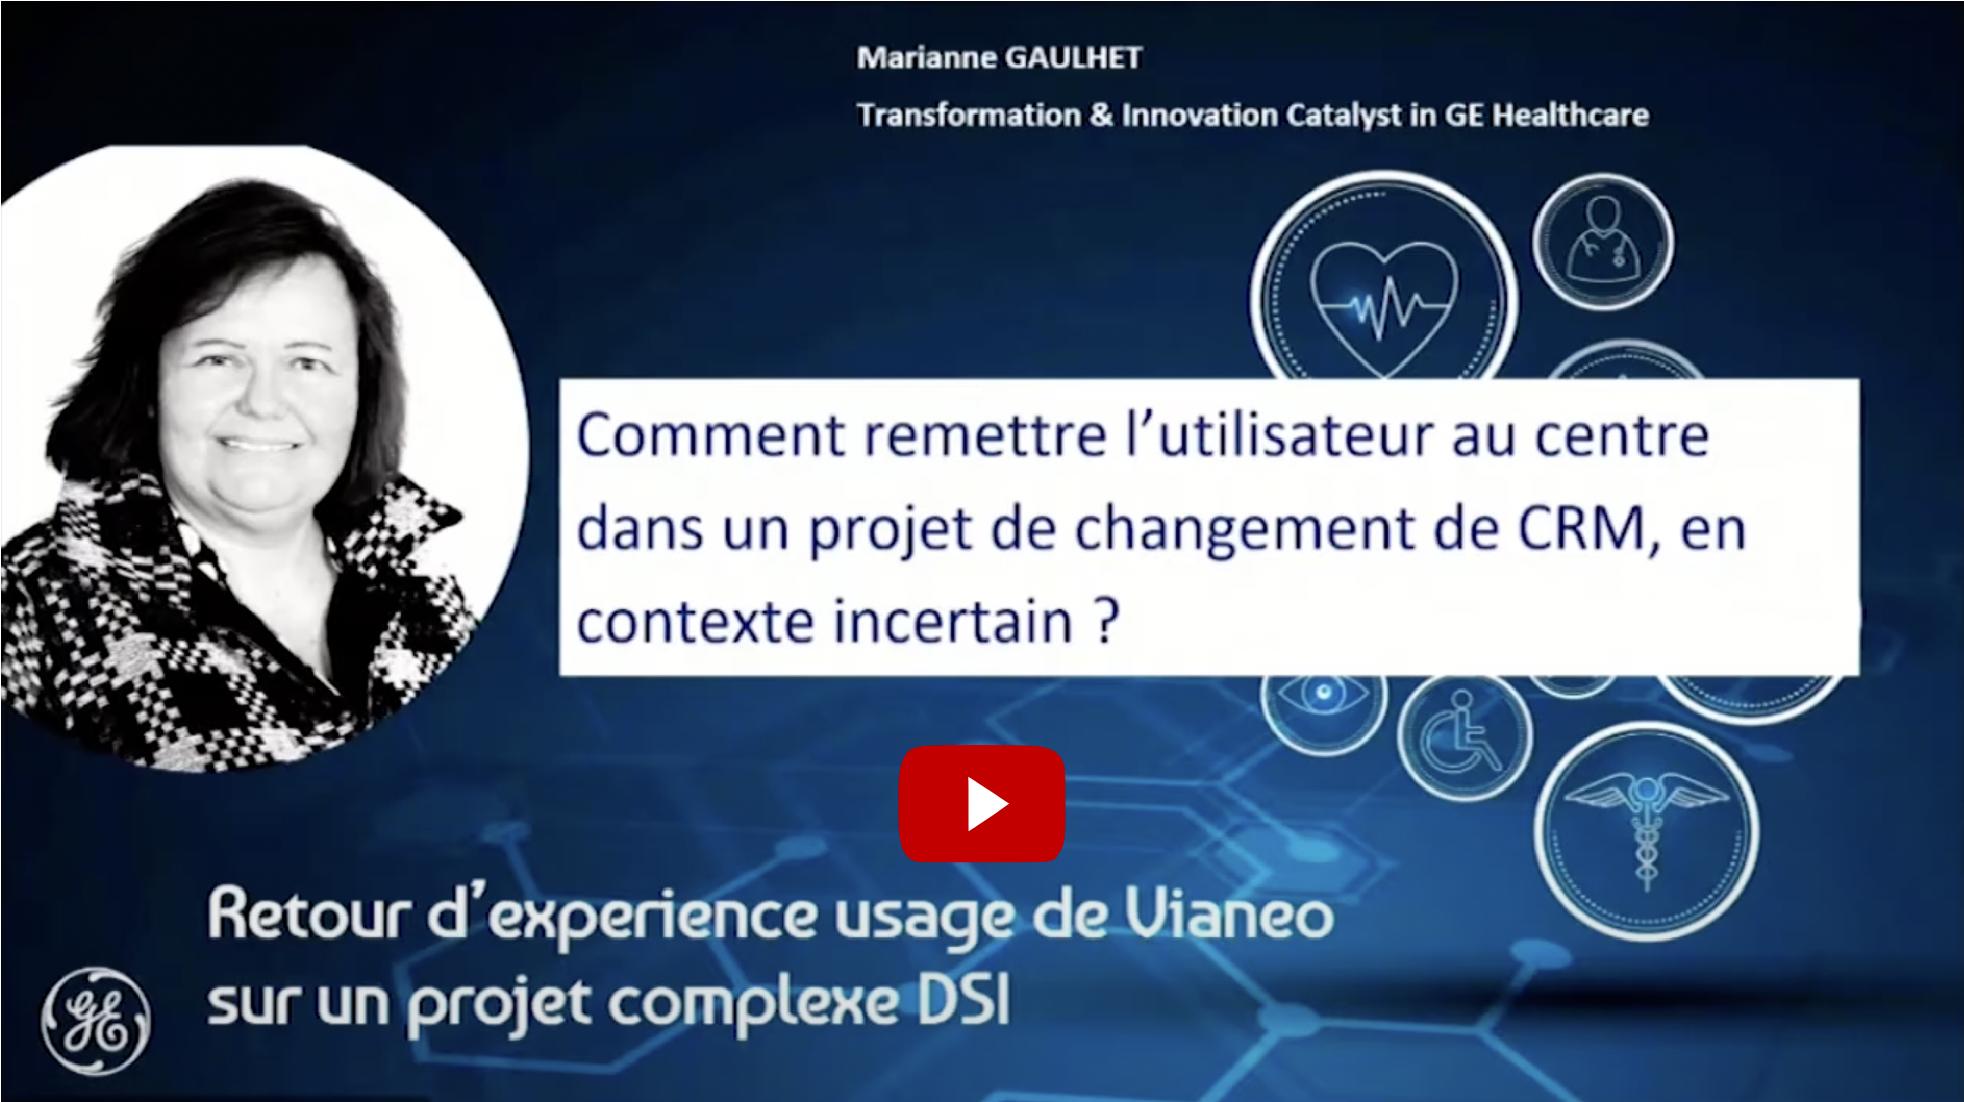 IMAgine Days : Retour d'experience usage de Vianeo sur un projet complexe DSI